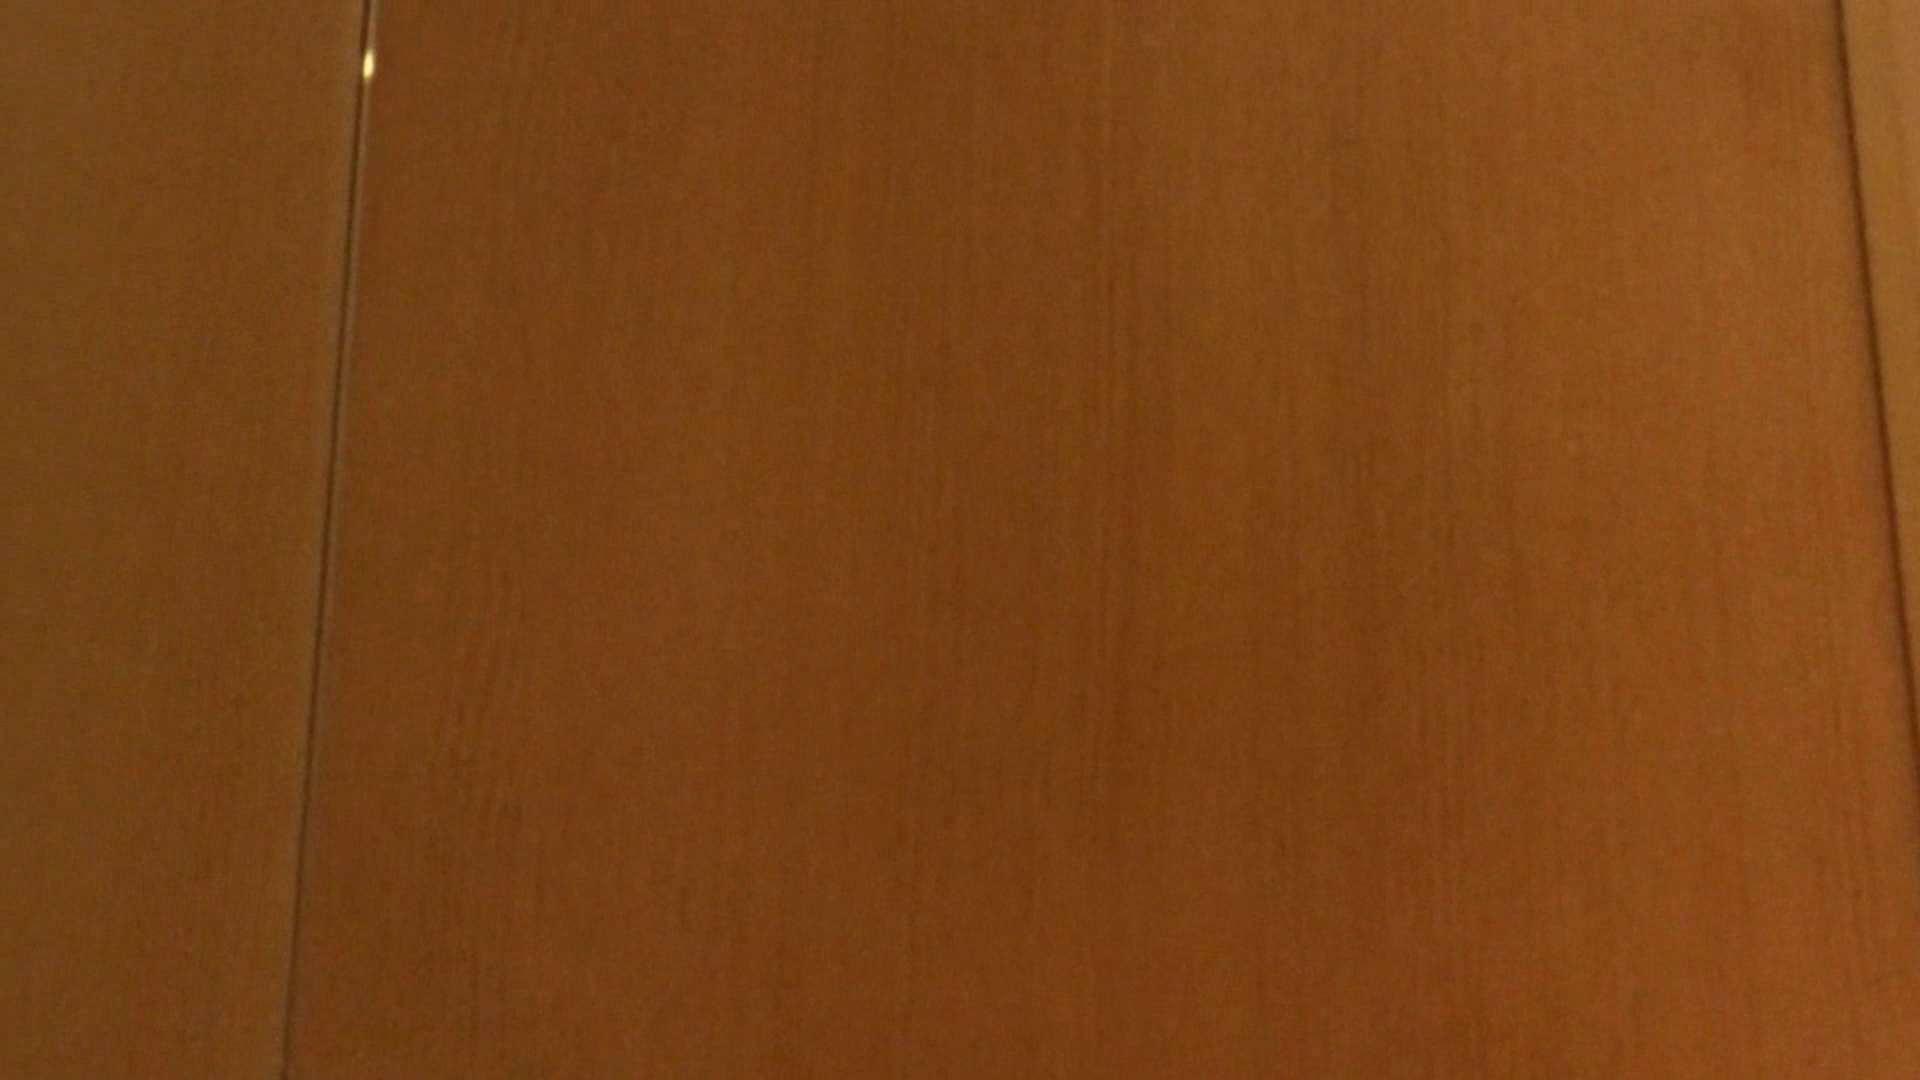 「噂」の国の厠観察日記2 Vol.08 厠   人気シリーズ  80連発 58